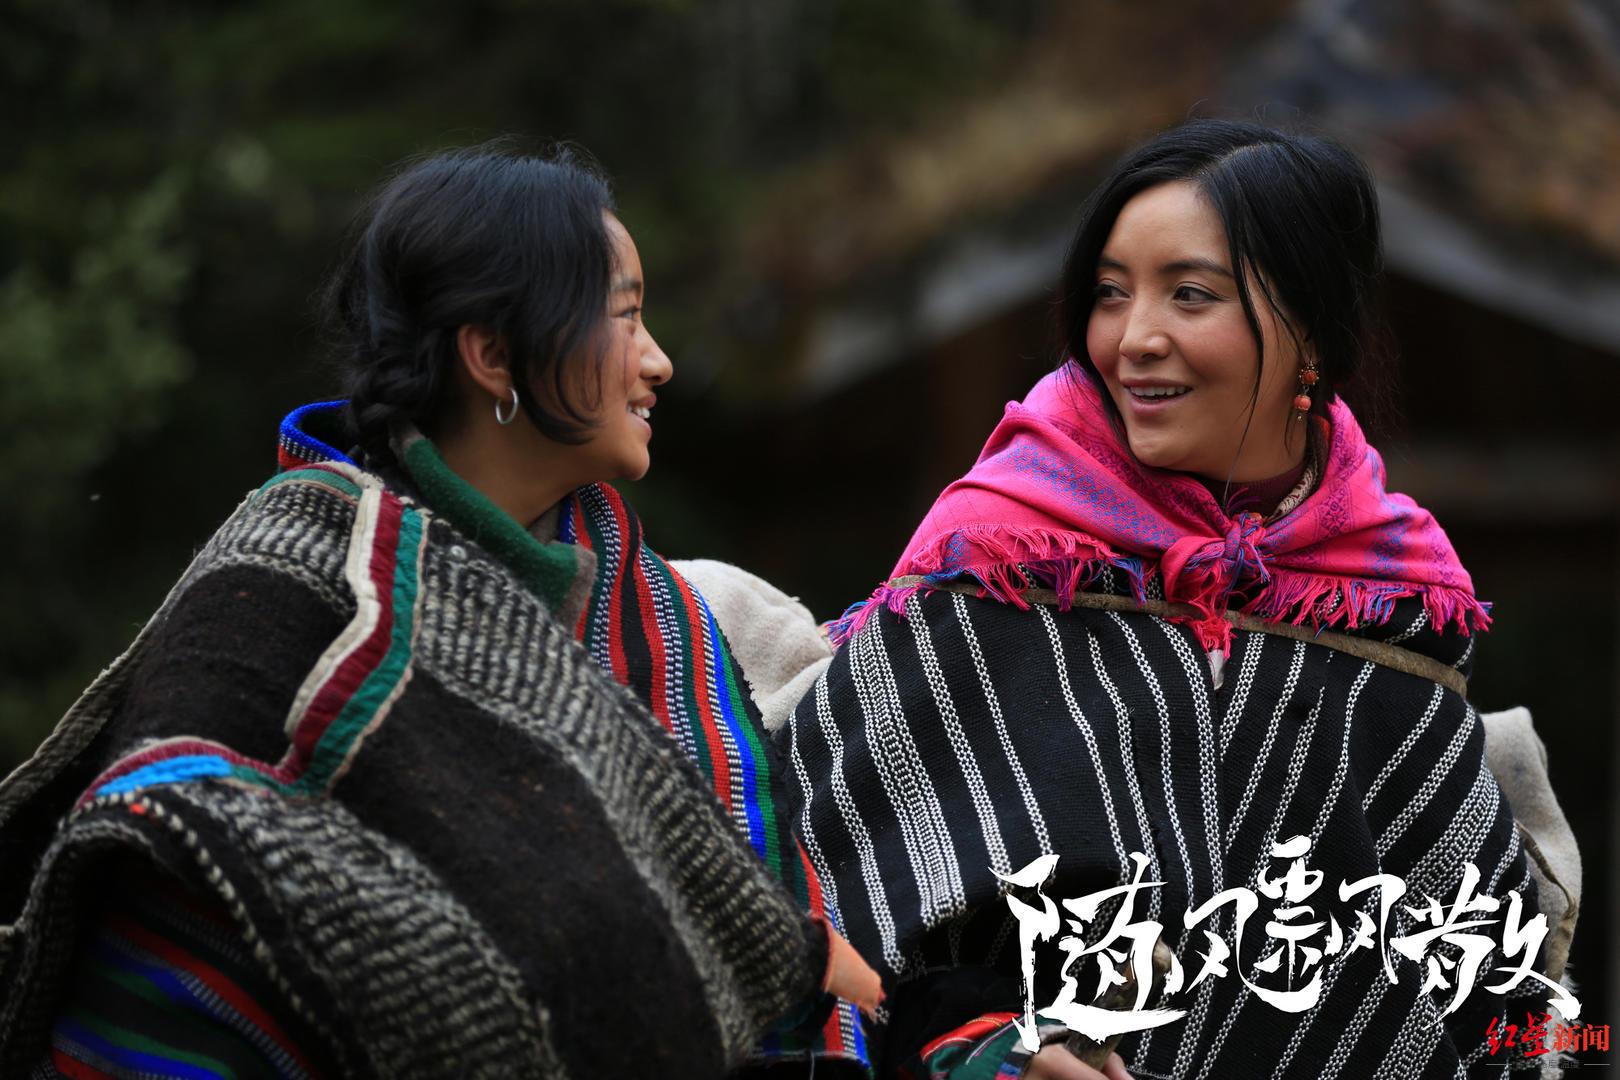 根據阿來小說改編電影《隨風飄散》入選釜山國際電影節